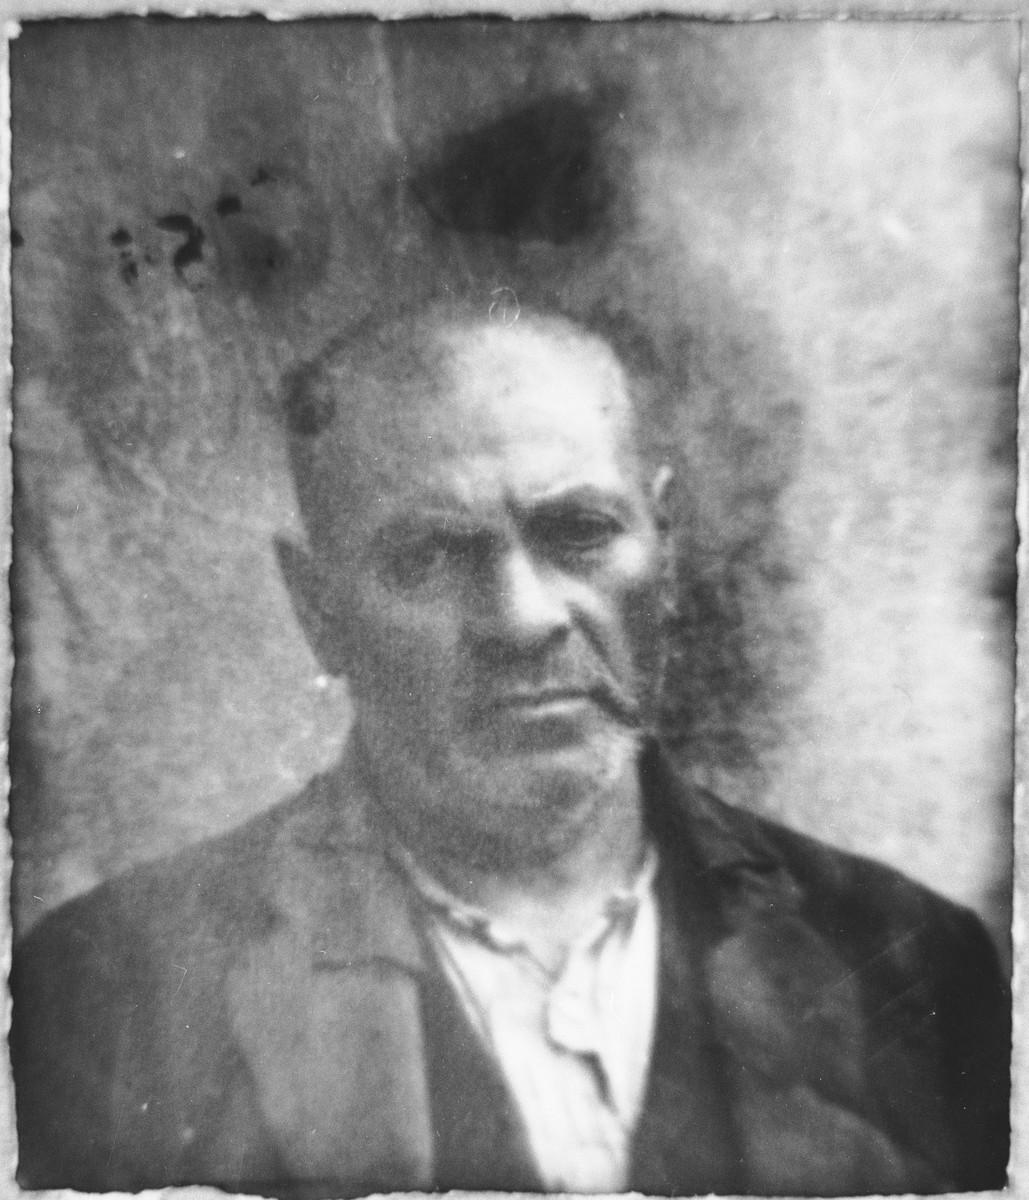 Portrait of Bohor Mishulam.  He lived at Gostivarska 13 in Bitola.